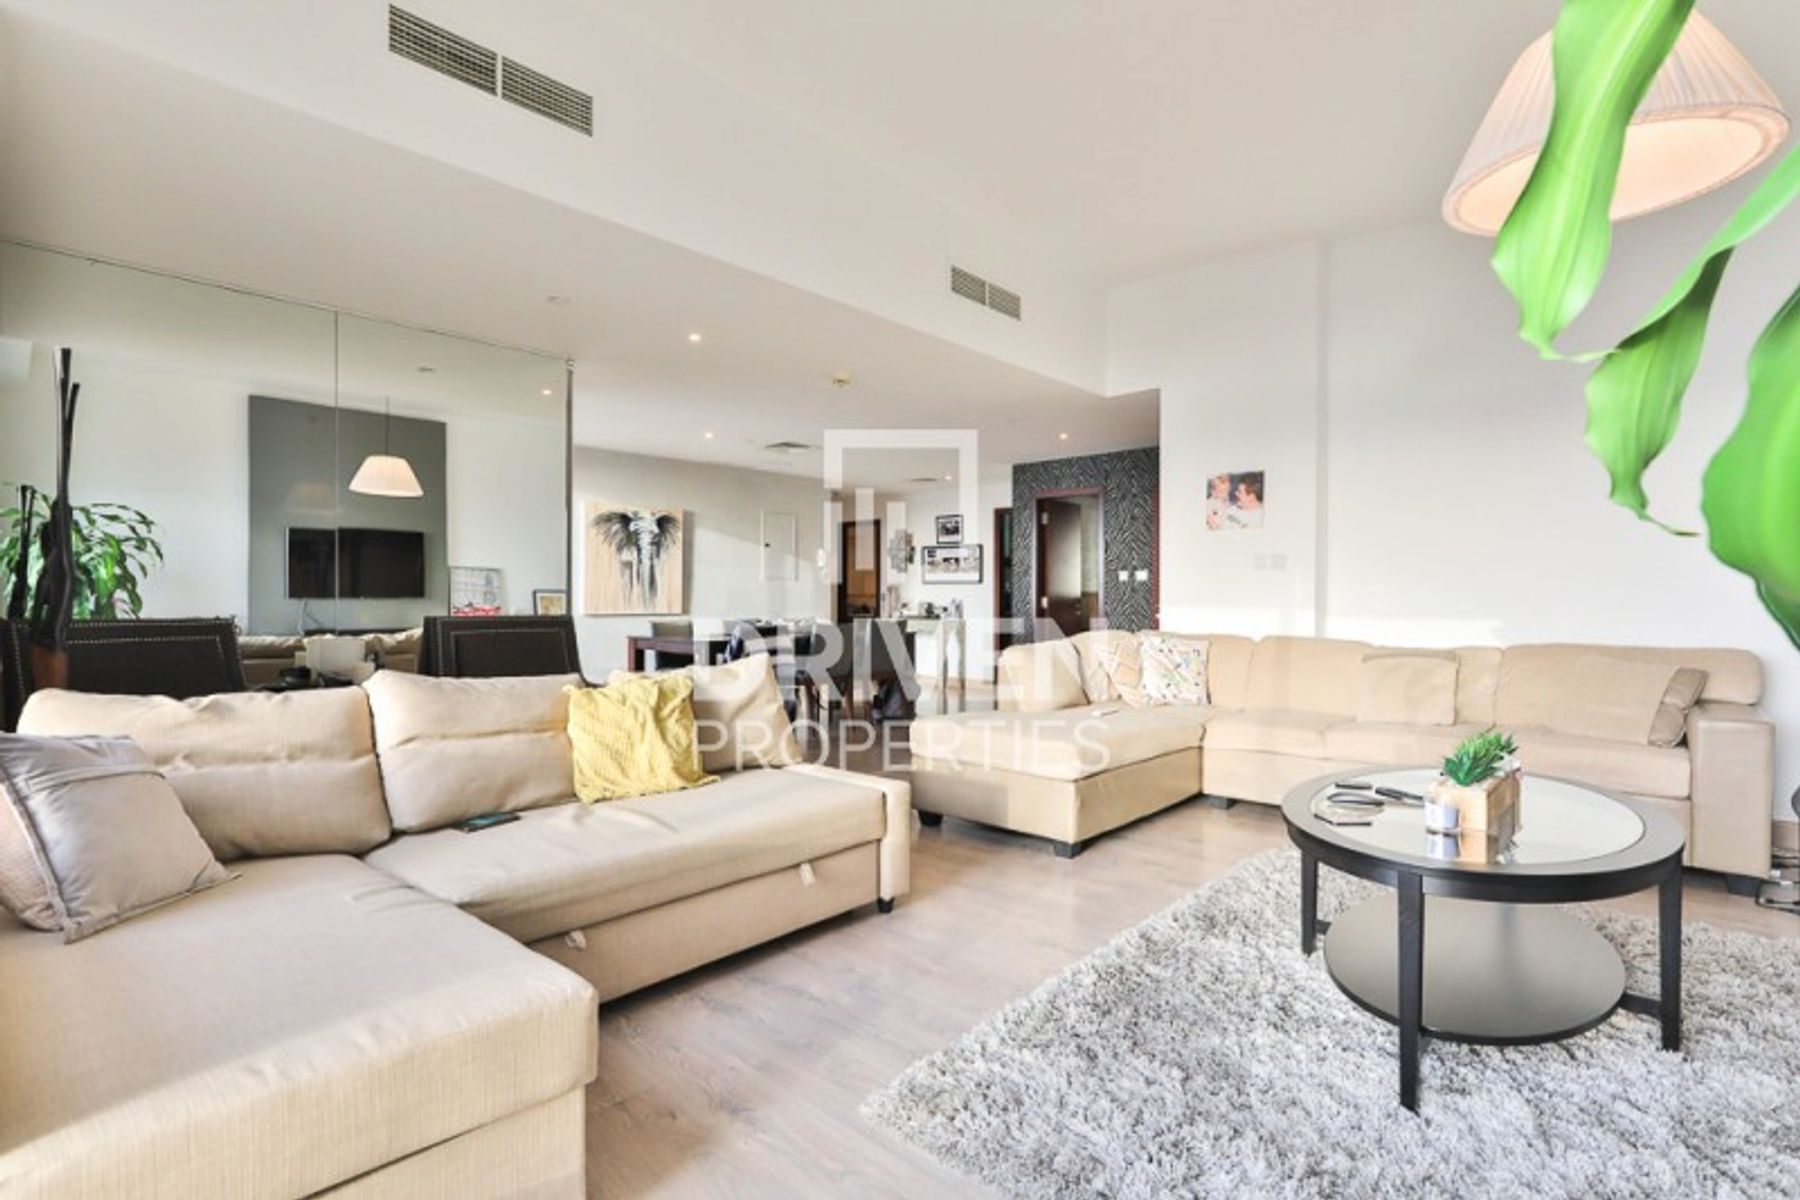 للبيع - شقة - بحر 4 - مساكن شاطئ الجميرا